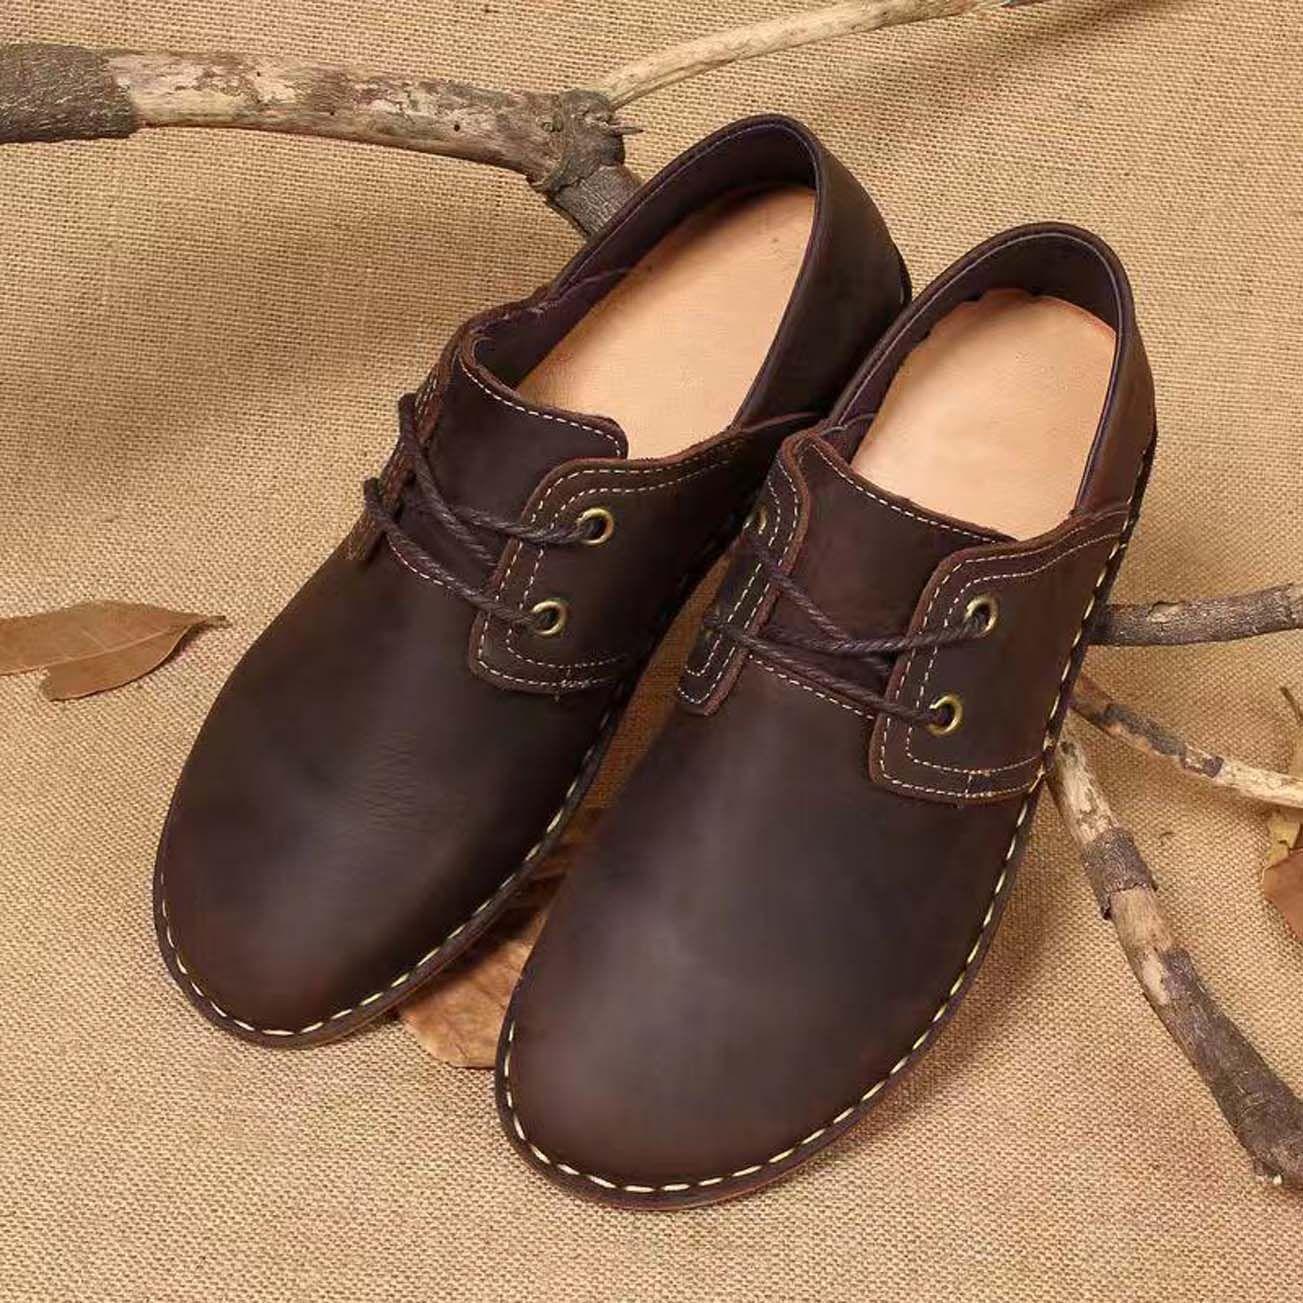 Classics Man Frauen-Plattform Trainer Luxus Designer Comfort Freizeitschuh-Turnschuh-Mann-Frauen-Lederschuhe Chaussures Trainer shoe013 P273